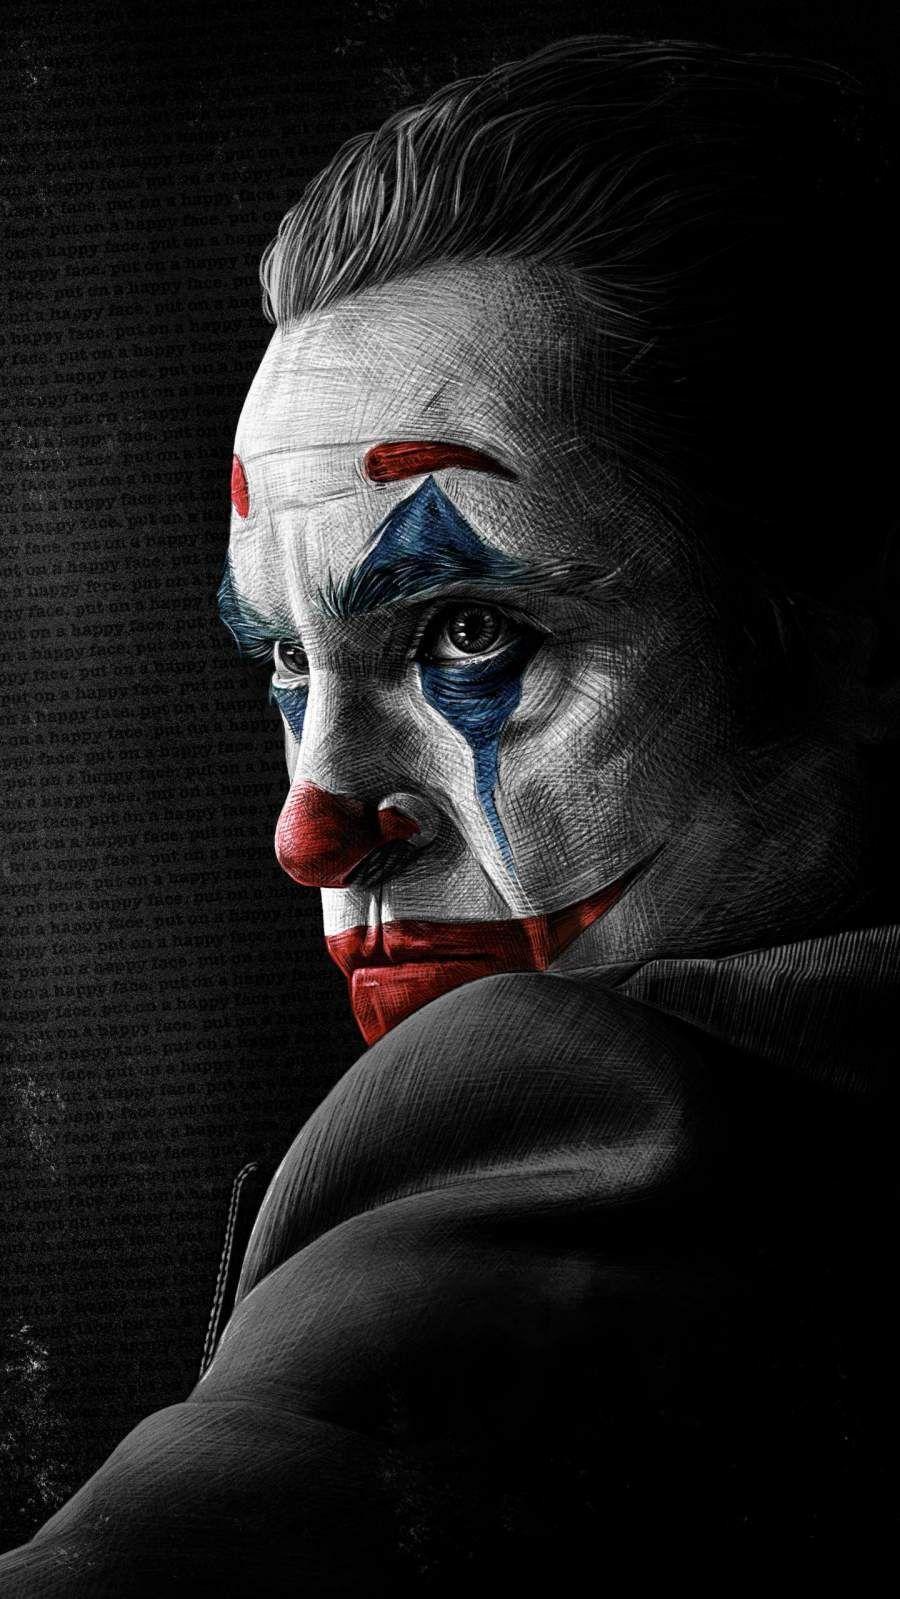 Joker Iphone Wallpaper In 2020 Joker Iphone Wallpaper Joker Poster Joker Wallpapers